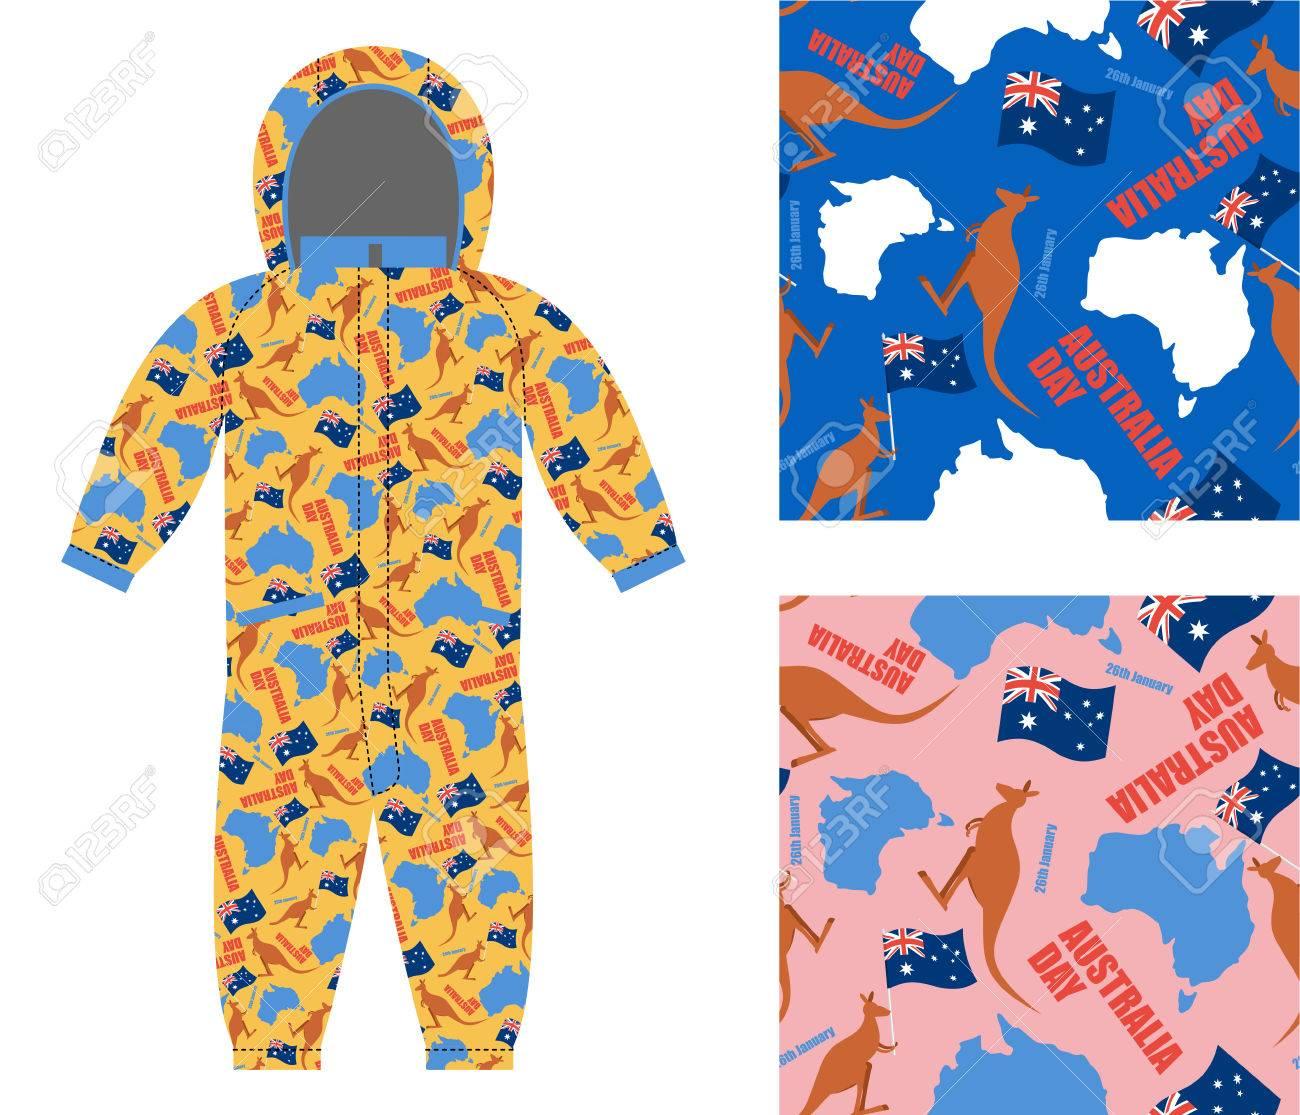 پارچه لباس کودک